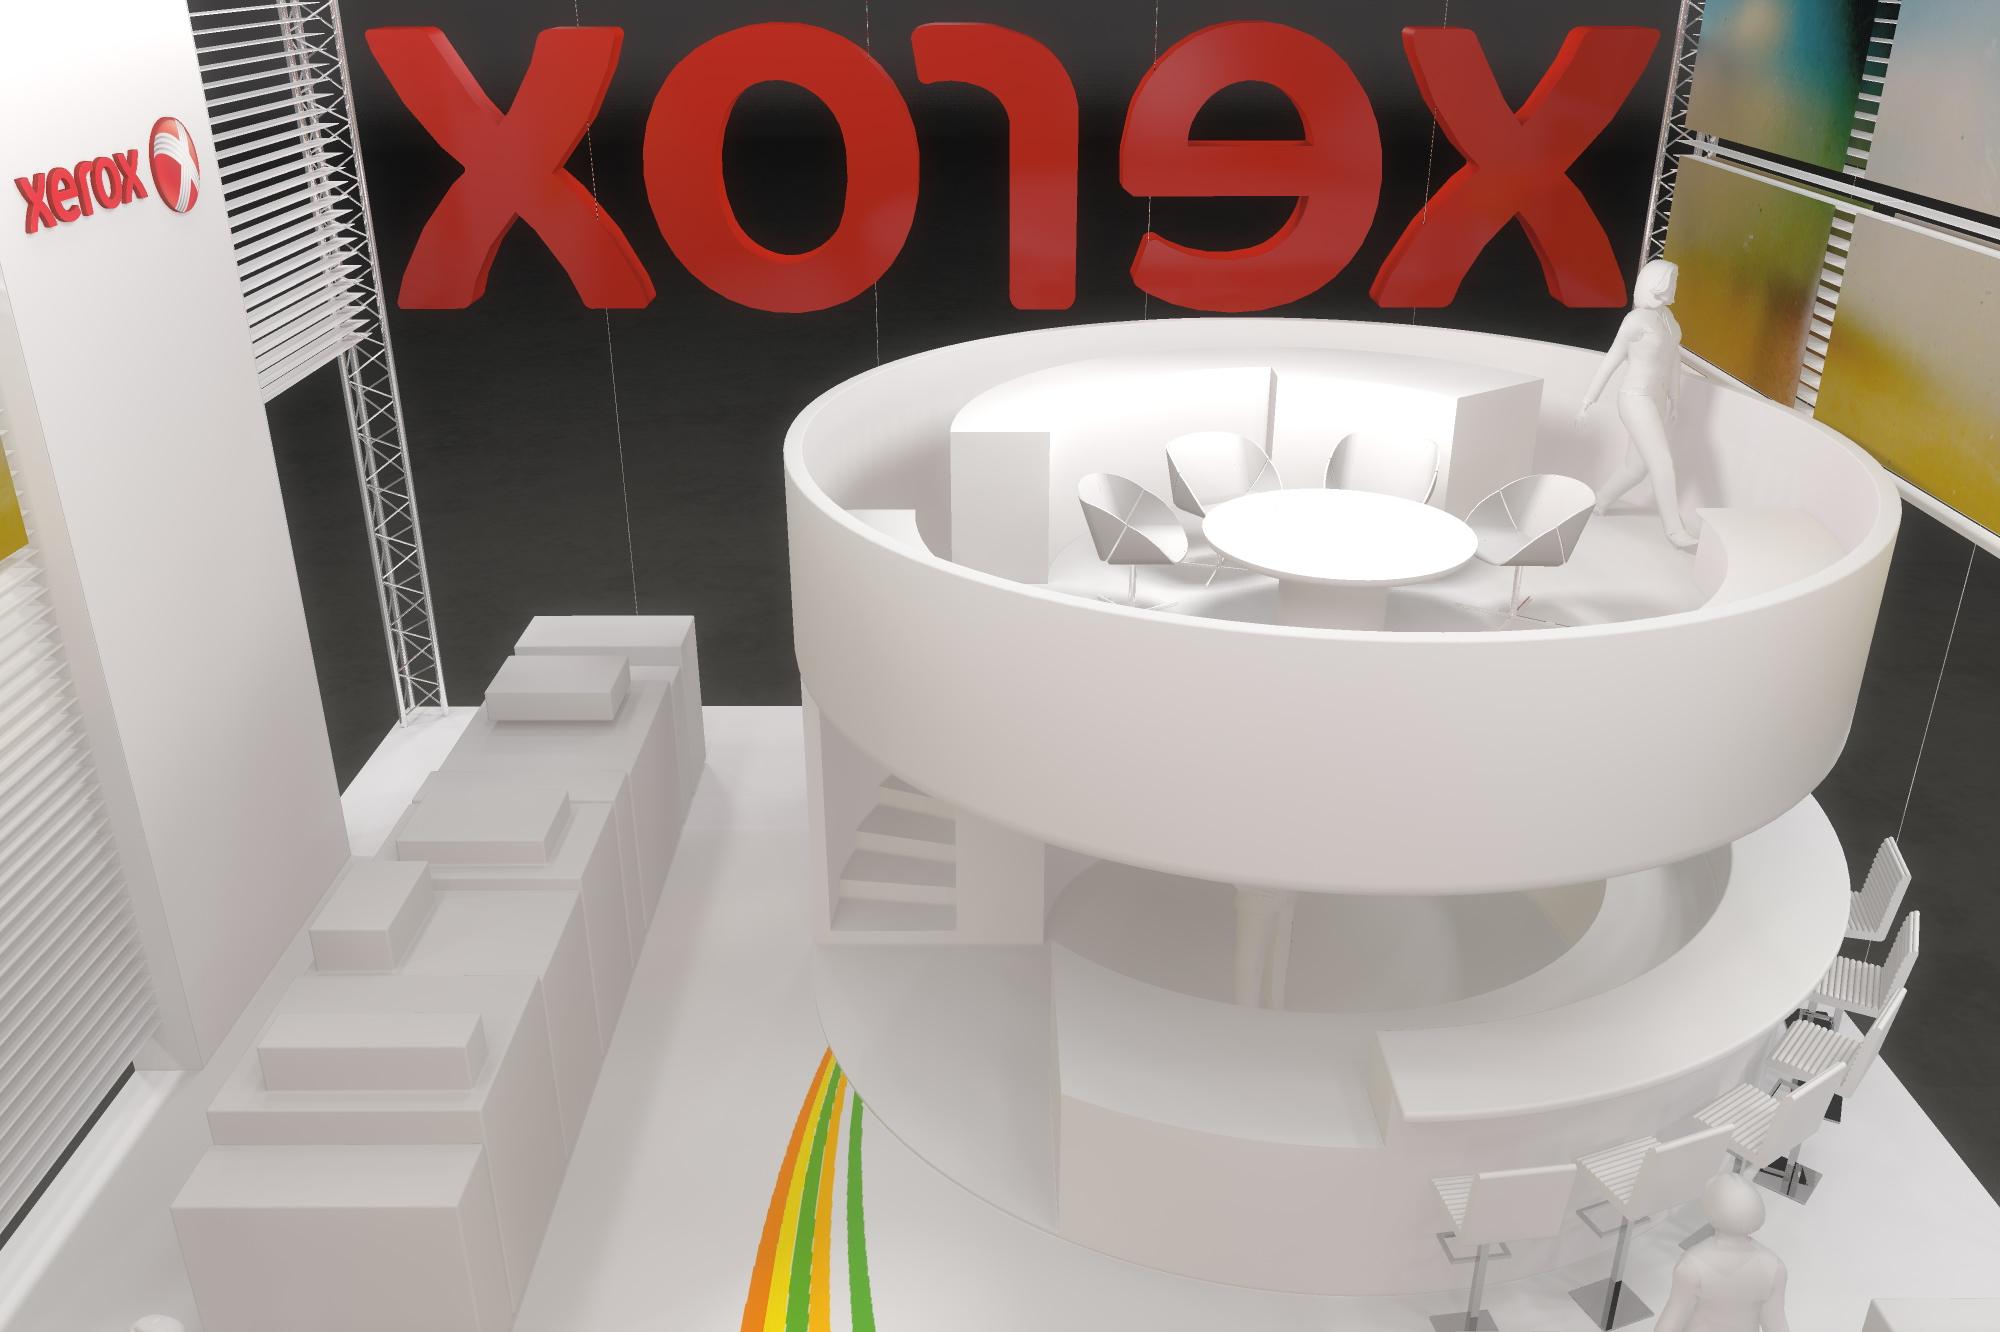 010 18042015 xerox stanek 04_04_4